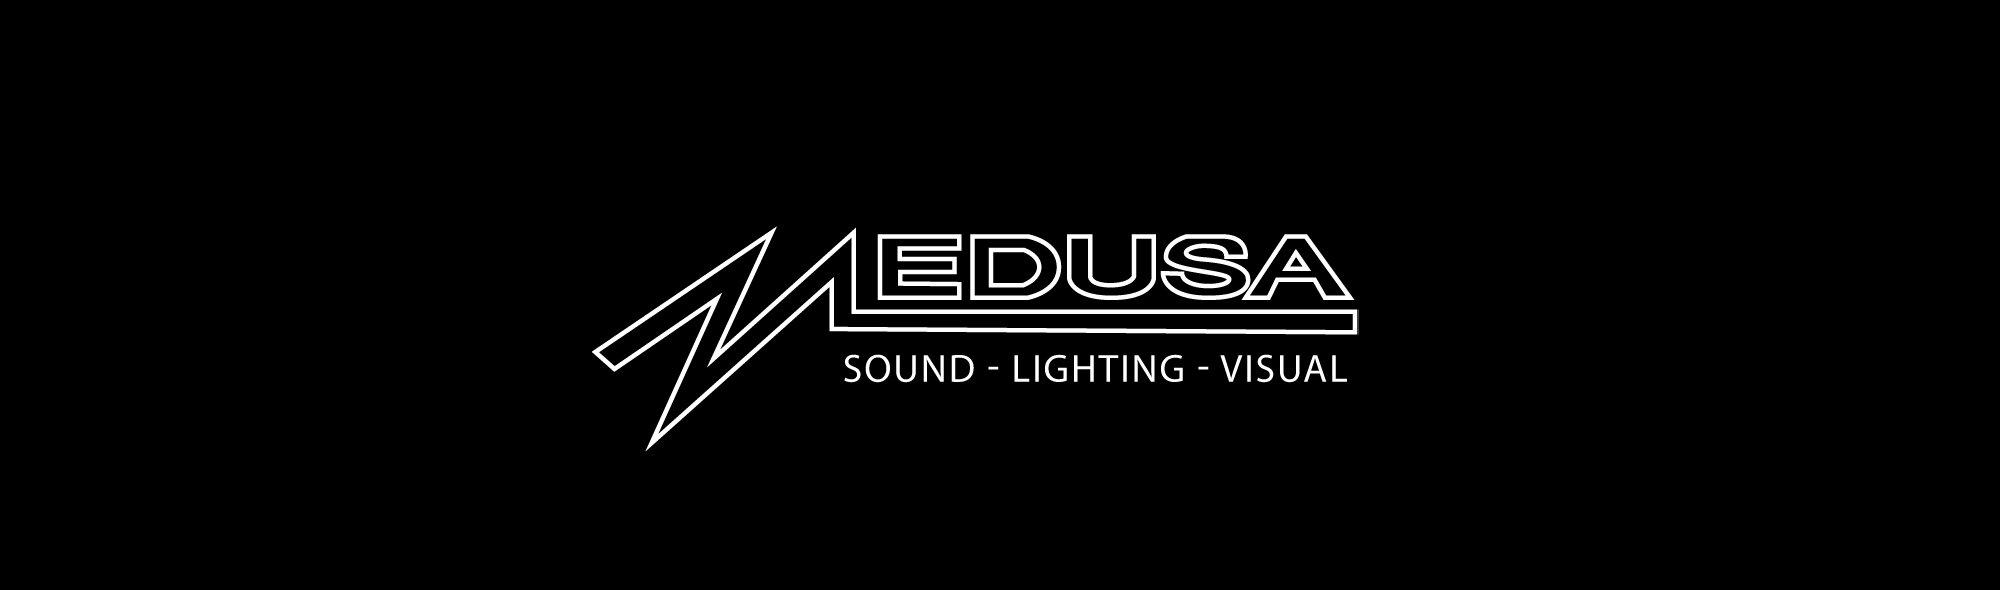 Medusa Sponsor Logo.jpg